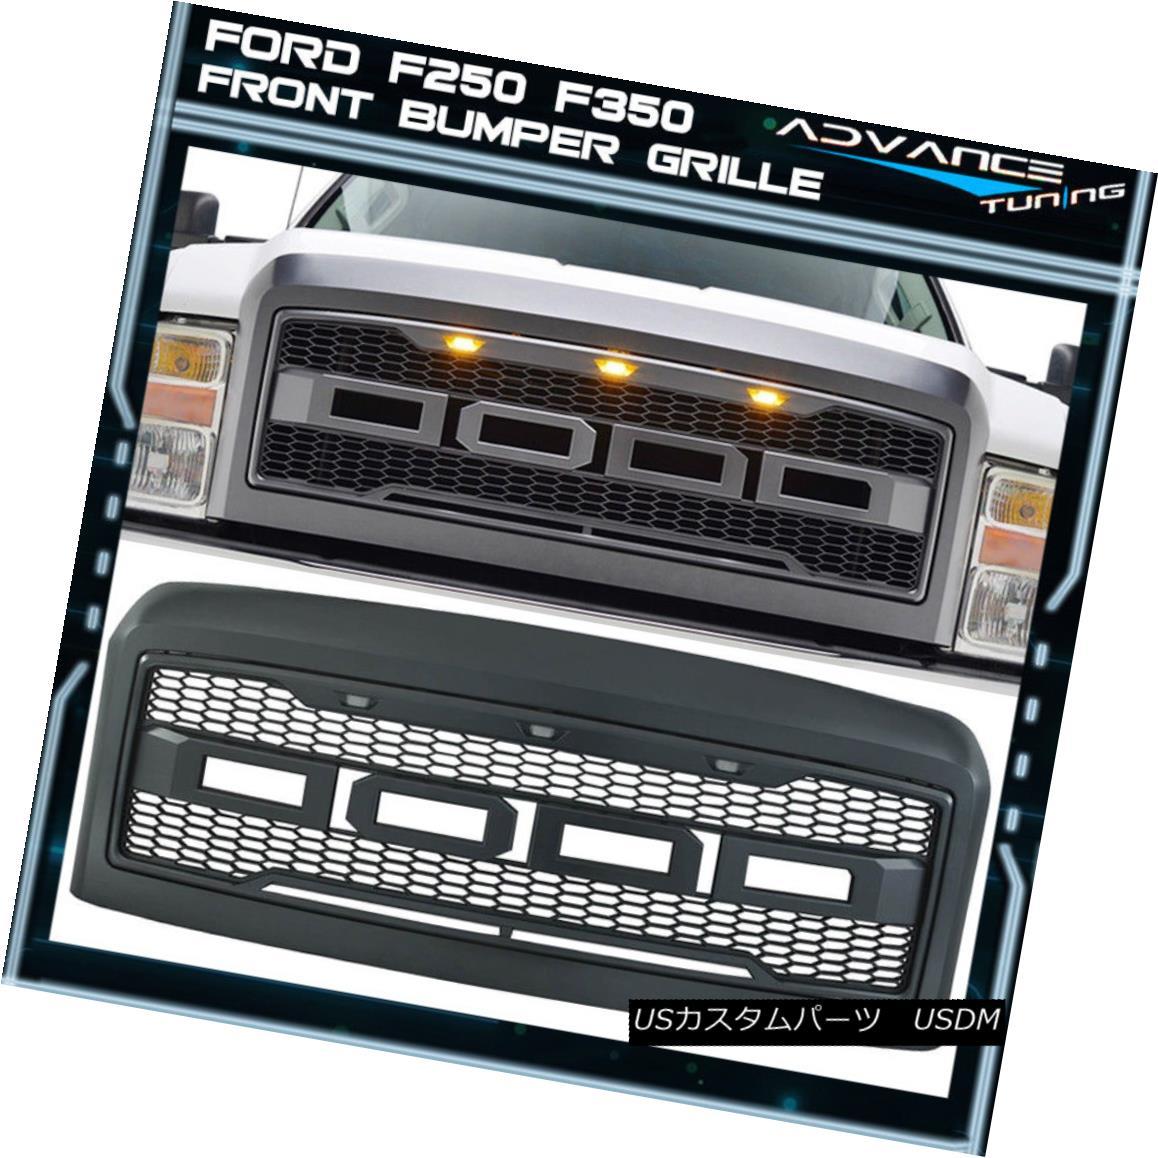 グリル For 08-10 Ford F250 F350 New Raptor Style Front Bumper Grille Hood Package ABS 08-10 Ford F250 F350新ラプタースタイルフロントバンパーグリルフードパッケージABS